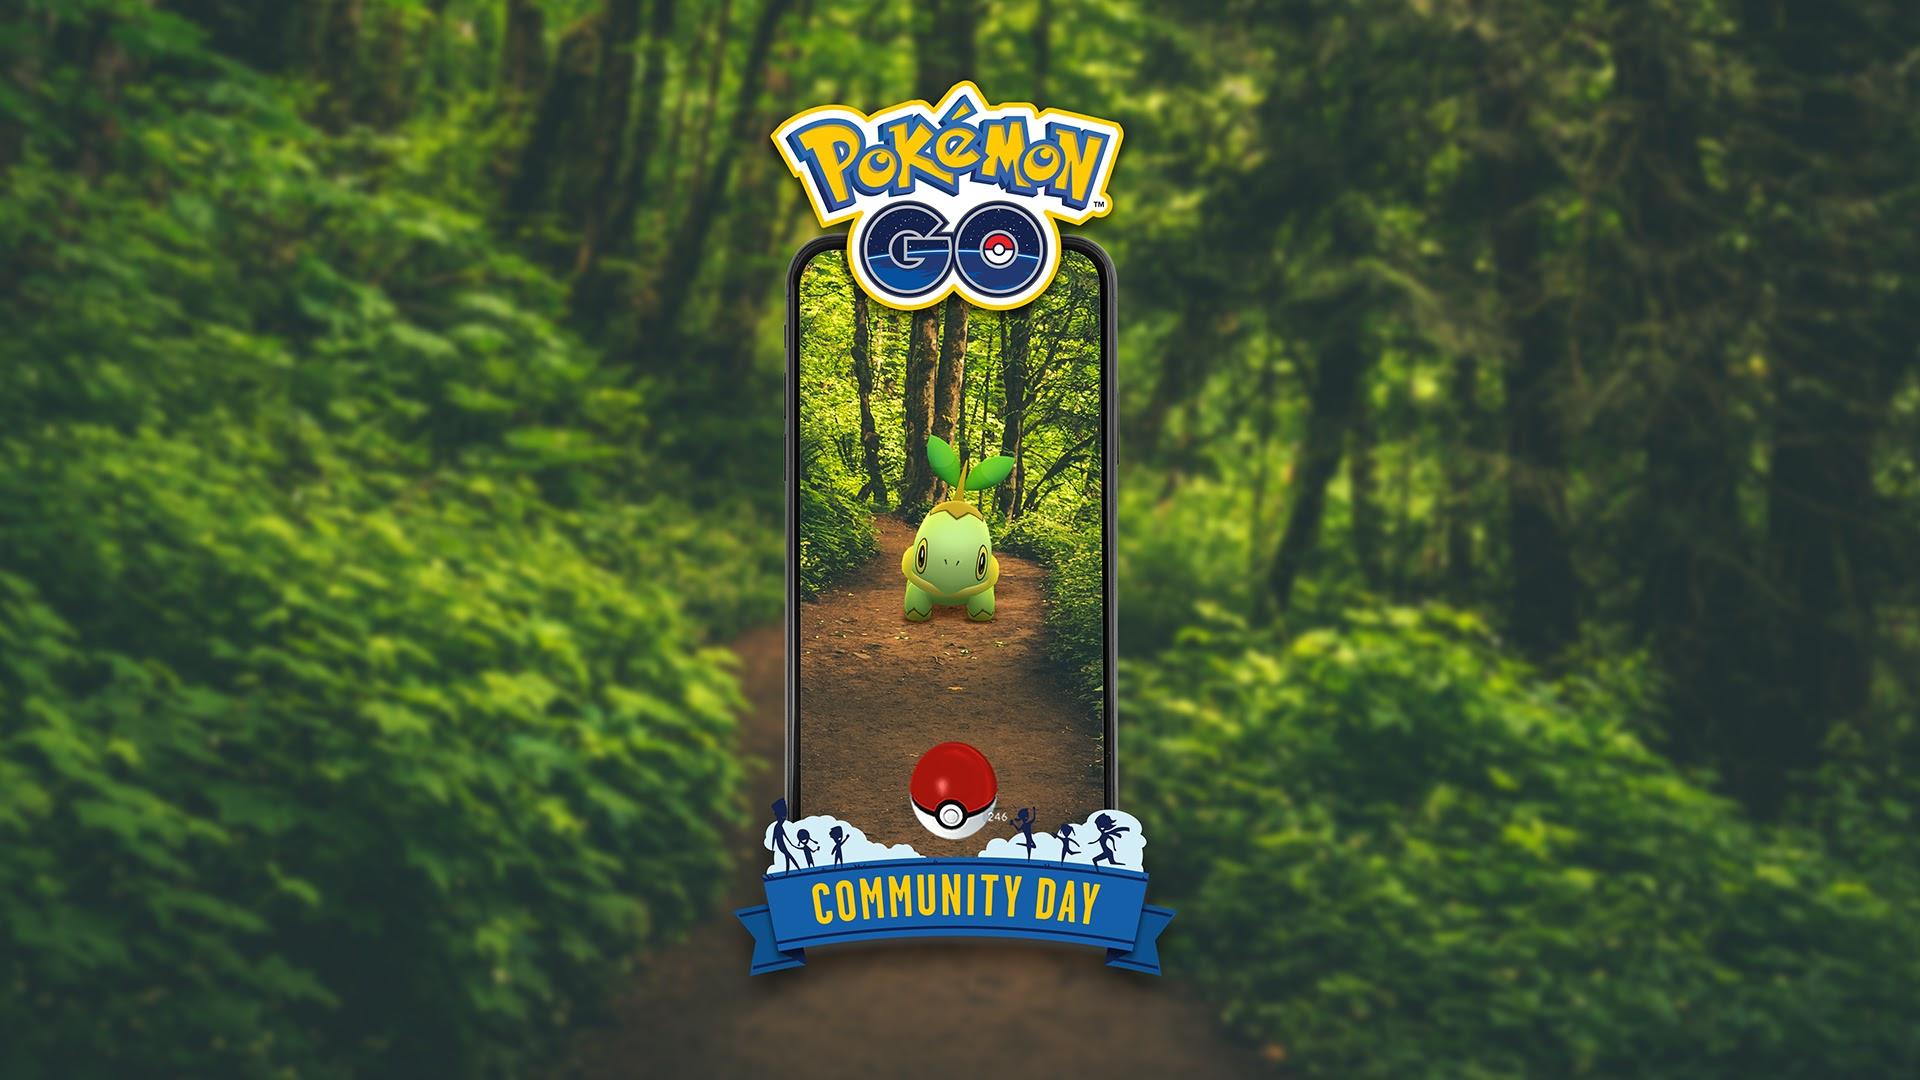 Amser cychwyn ar gyfer digwyddiad Diwrnod Cymunedol Pokémon Go a gwobrau ar gyfer mis Medi, gan gynnwys Turtwig a Torterra 1